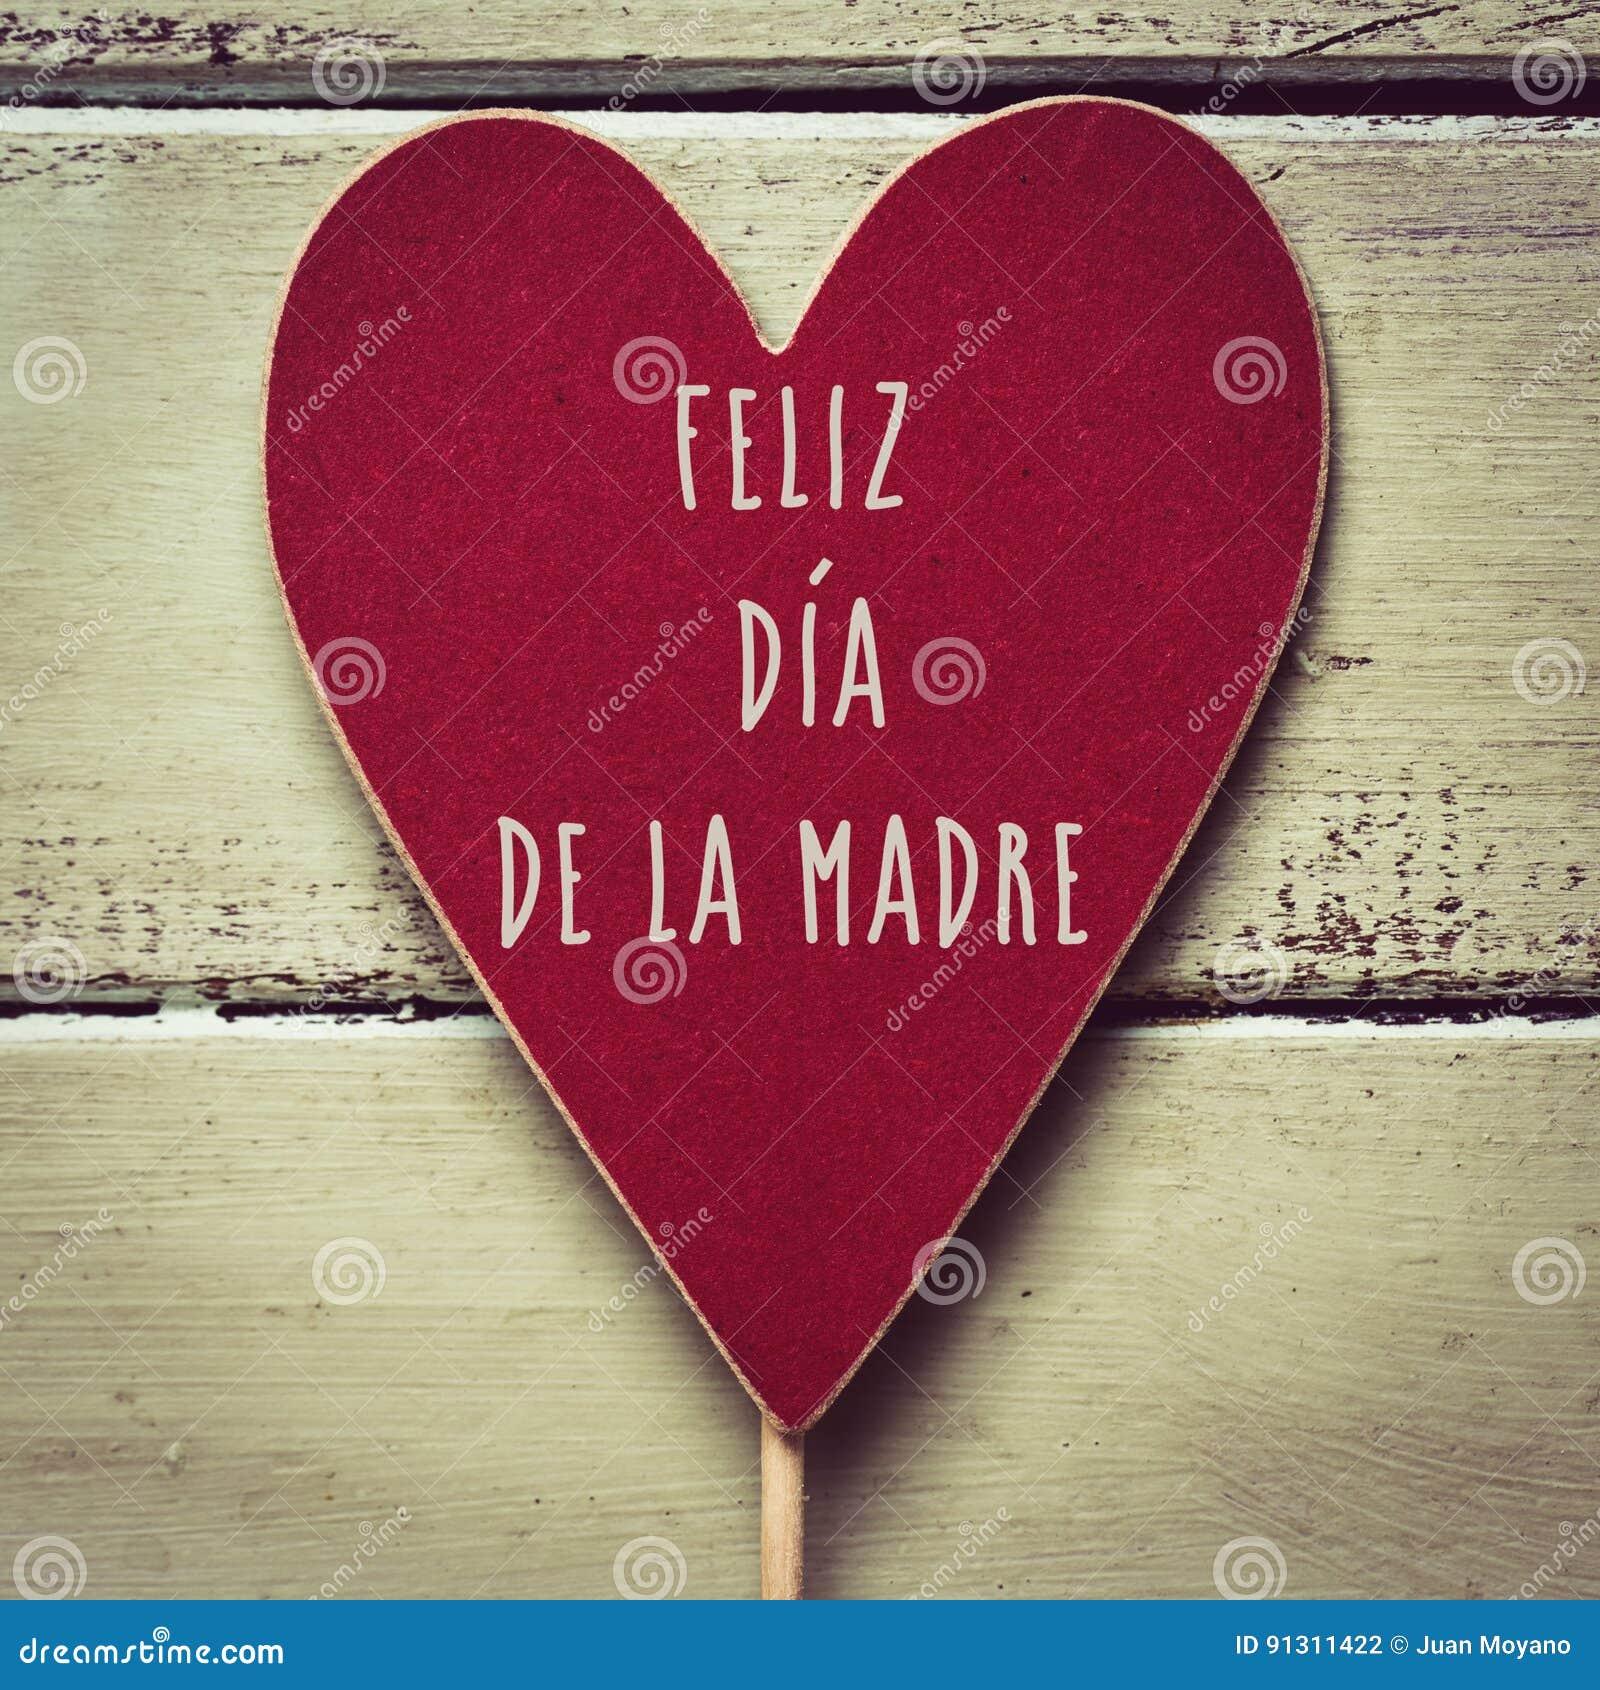 Feliz dia de la Madre, glücklicher Muttertag auf spanisch